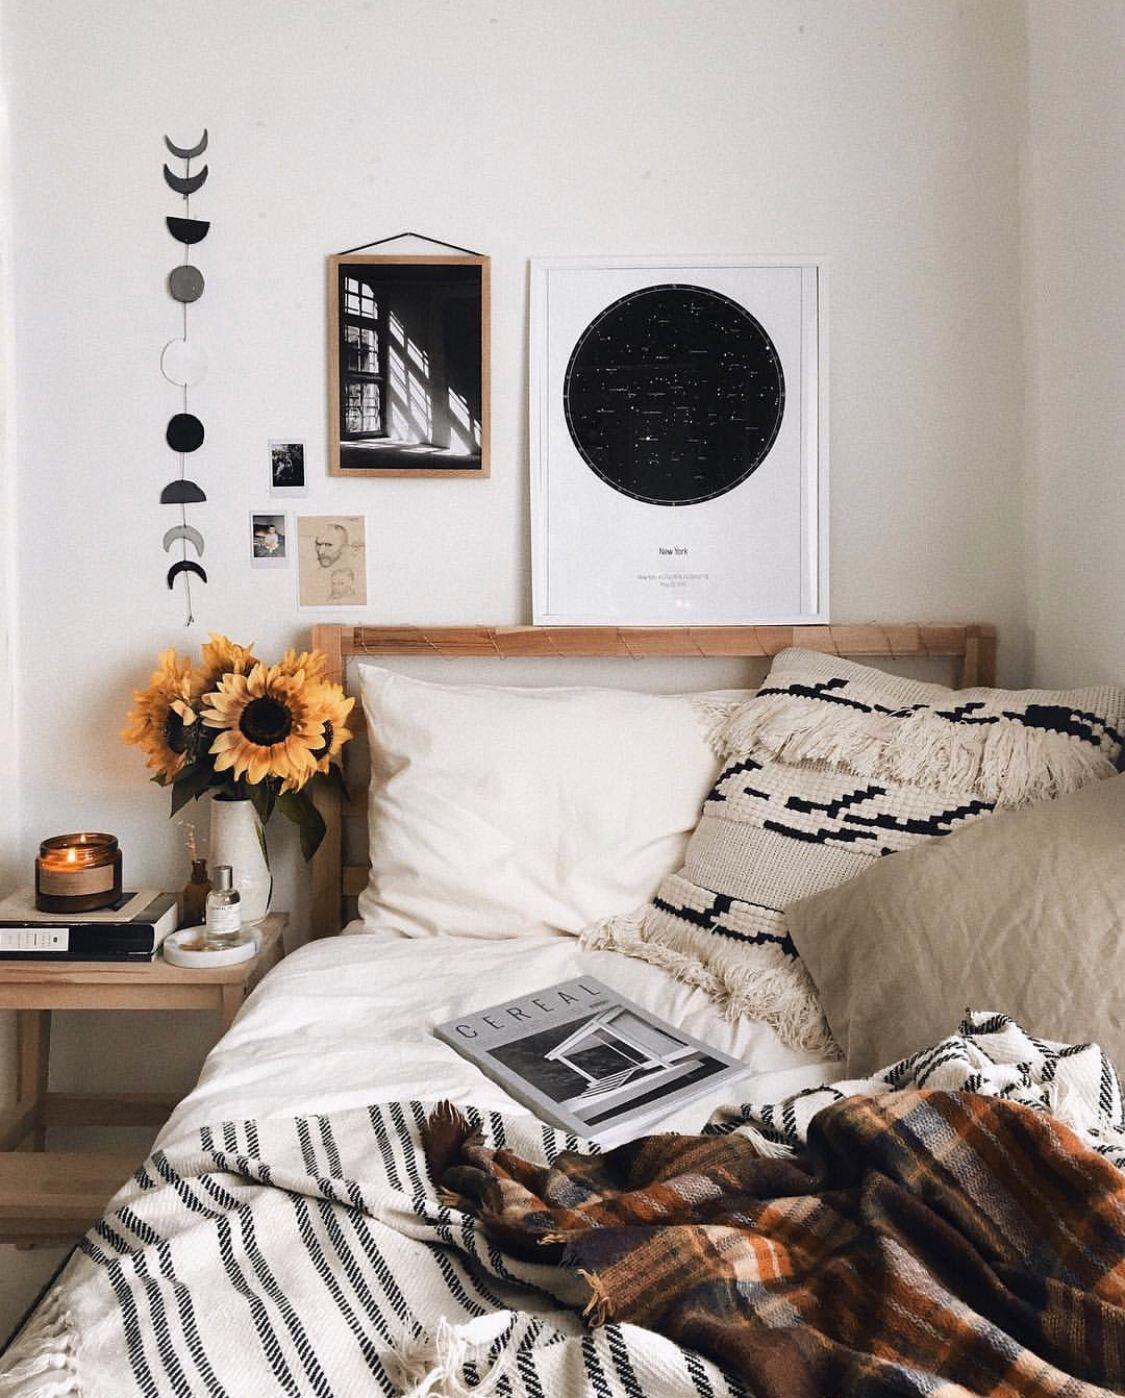 Neues schlafzimmer interieur pin von fleuriscoeur auf where i like to live  pinterest